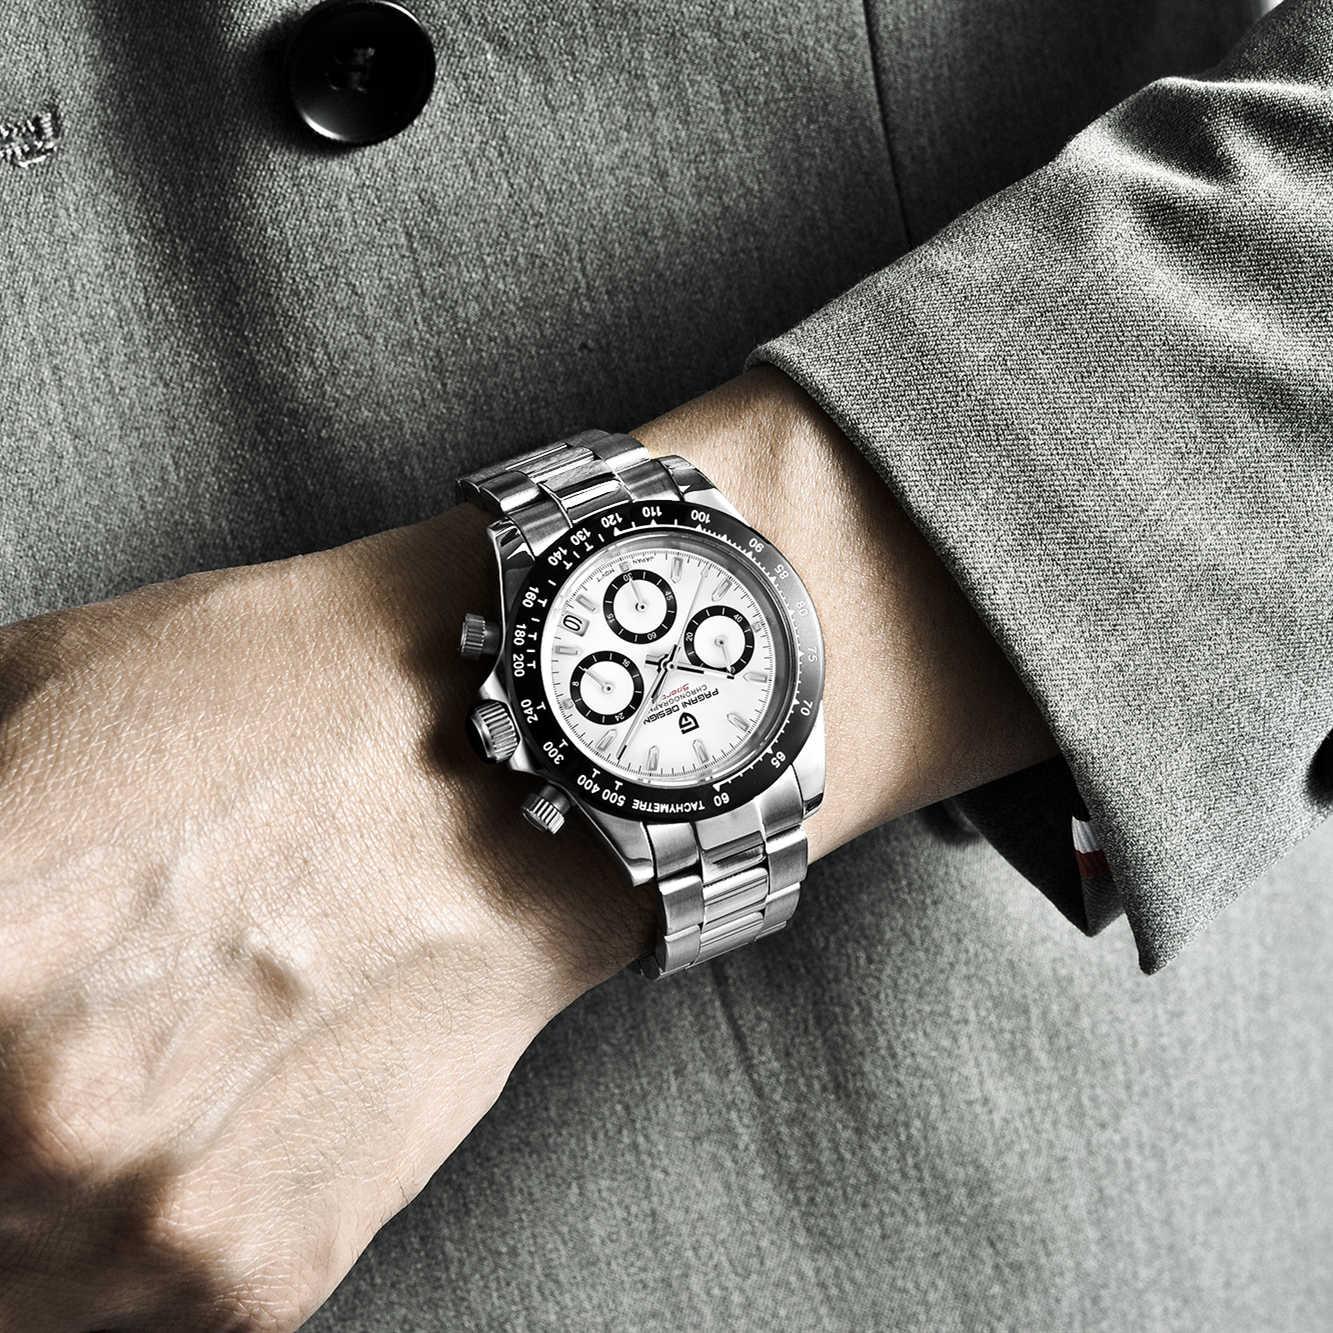 パガーニデザイン 2019 男性スポーツ時計の高級メンズ 100 メートル防水腕時計新ファッションカジュアルメンズ腕時計レロジオ masculino